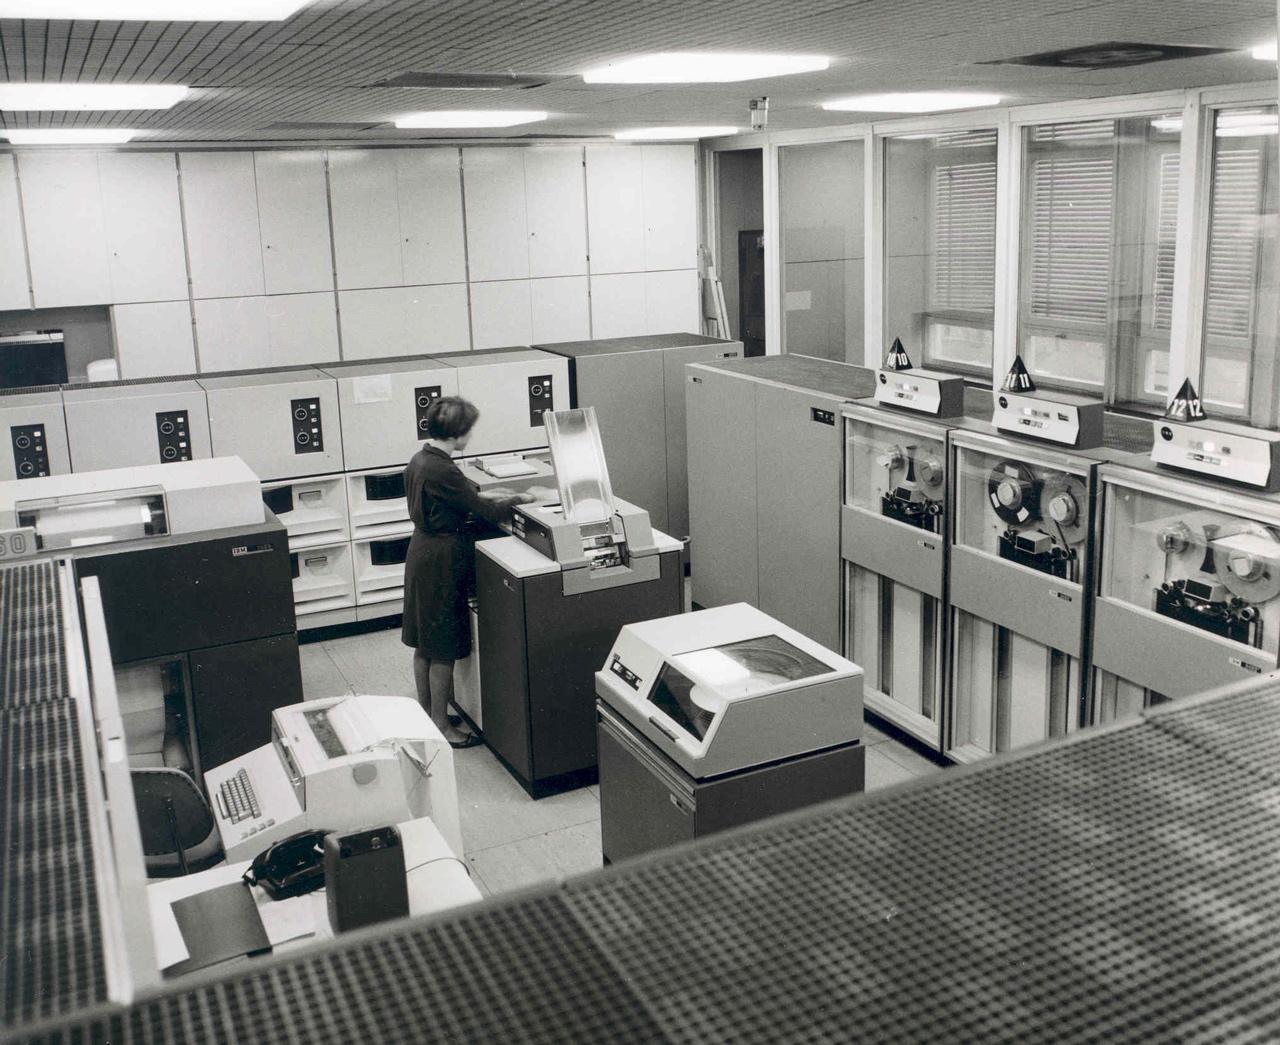 Az IBM 370 / 165 nagyszámítógép számítógépterme a Bosch feuerbachi (Németországi Szövetségi Köztársaság) telephelyén, 1971